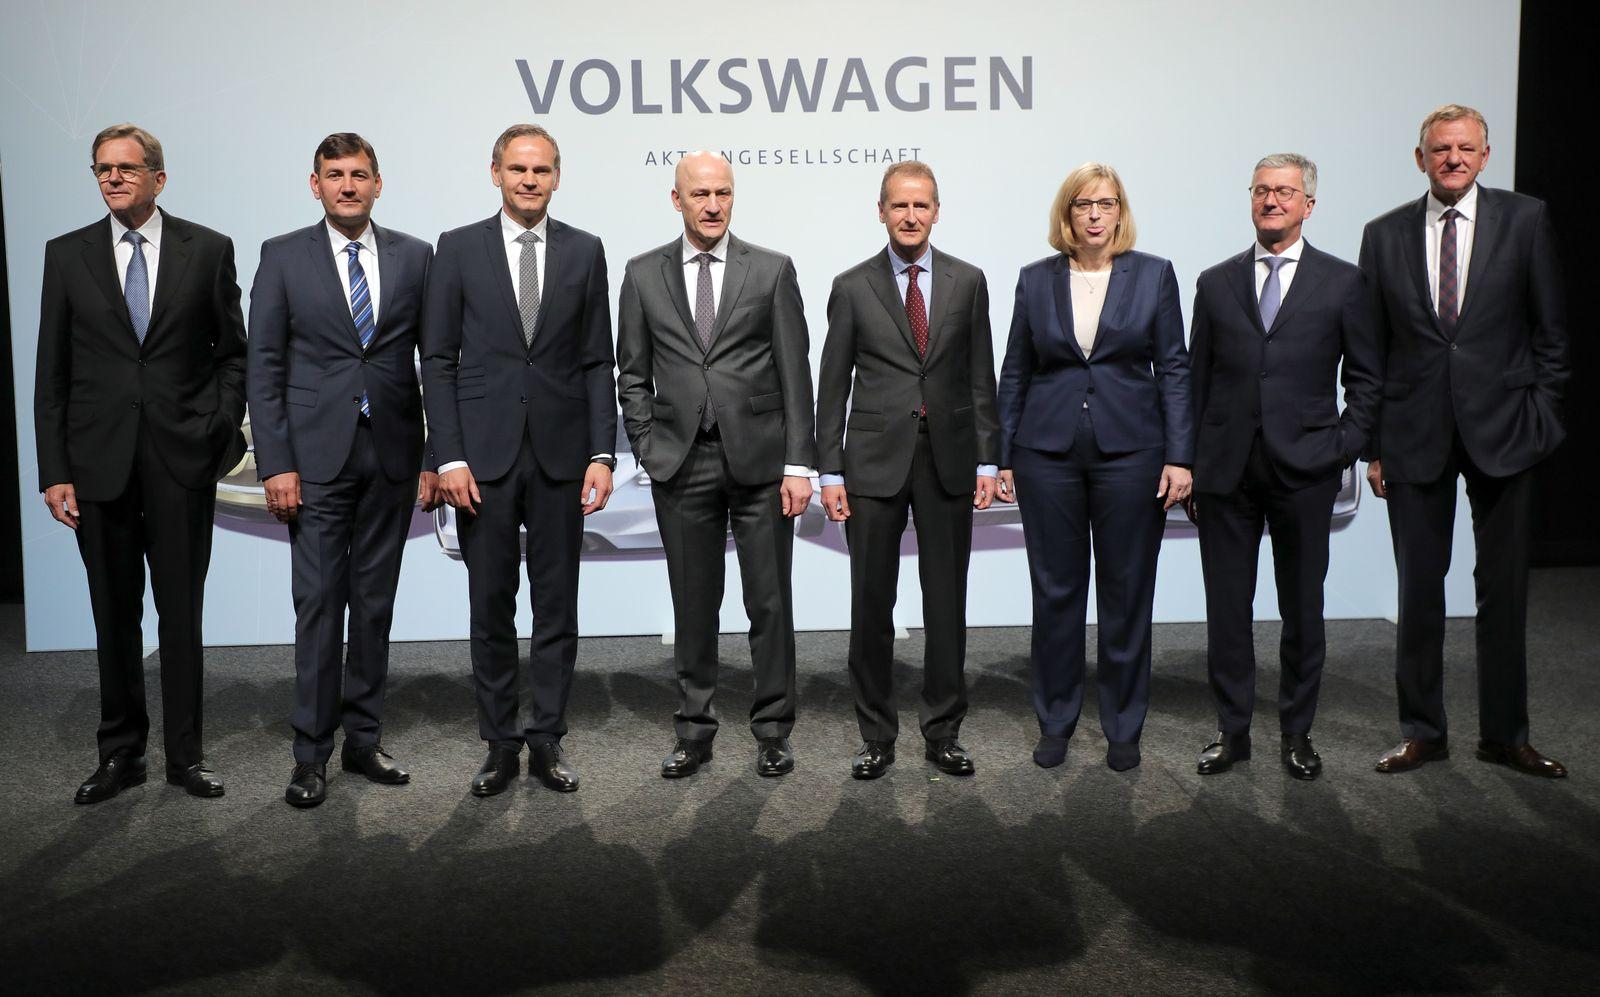 VW Vorstand / Volkswagen manager